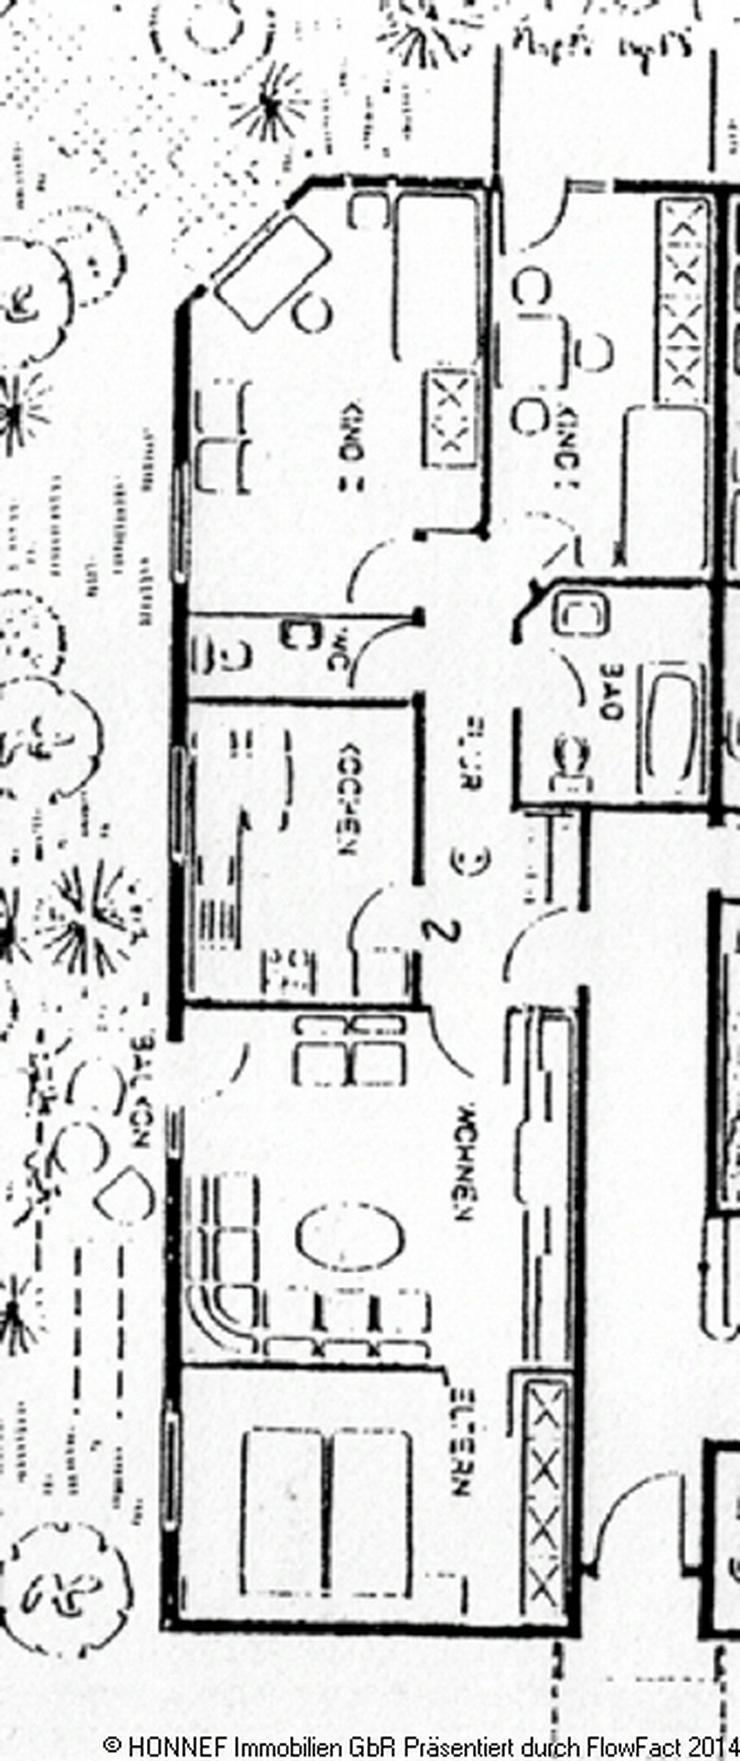 Bild 2: Diese 4 Zimmer gehören mir!